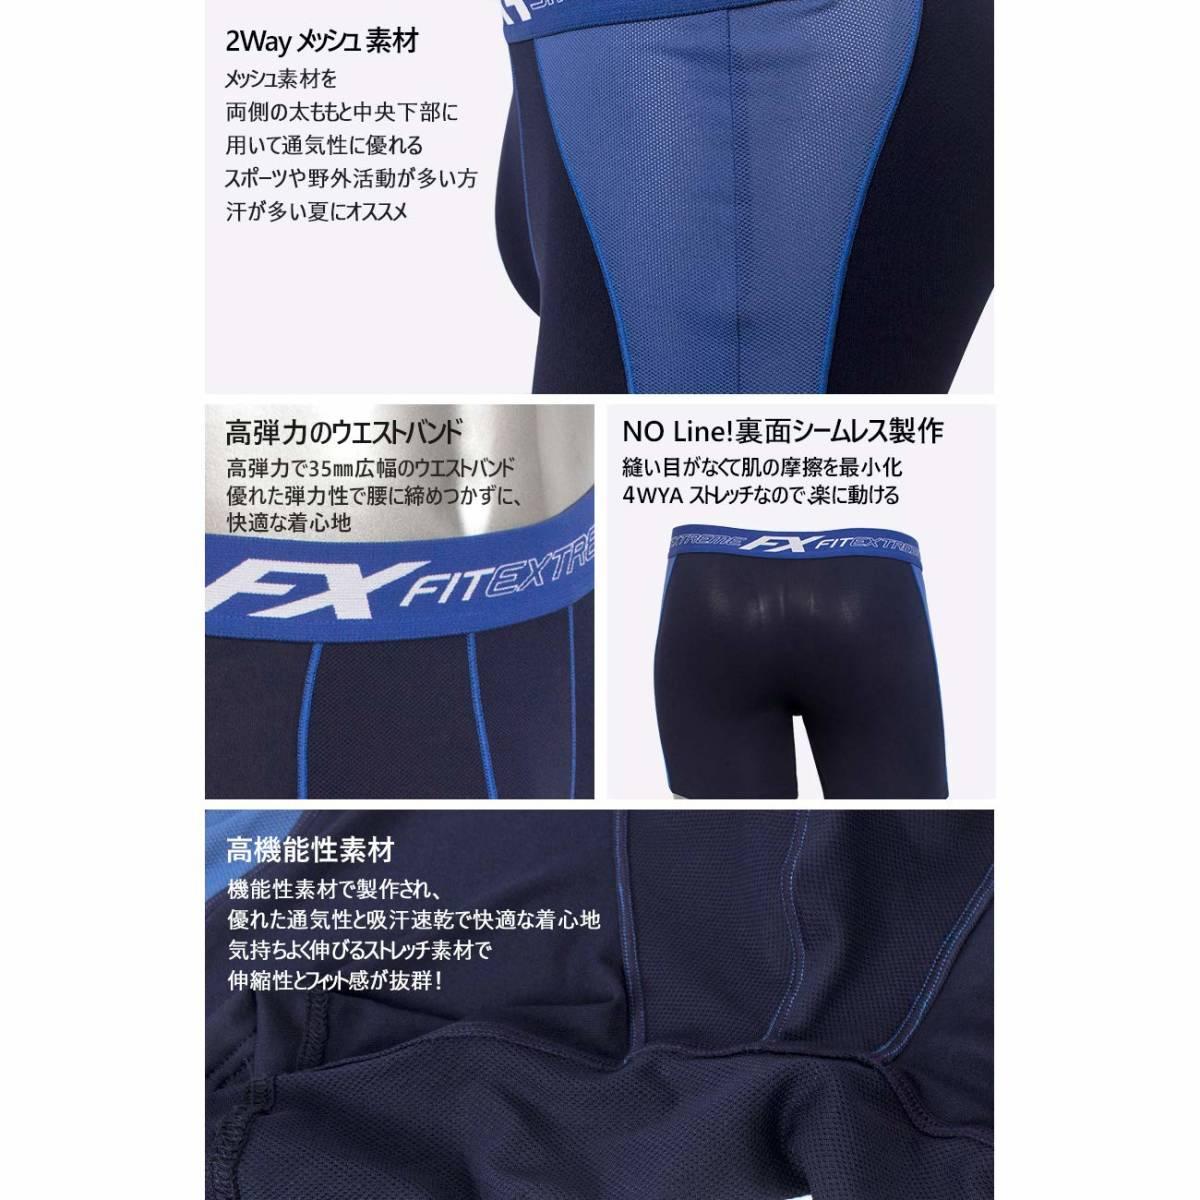 【未使用】フィットエックス FITEX 通気 メッシュ 立体 5枚組 ボクサーパンツ 男性 下着 日本Mサイズ ひ_画像4